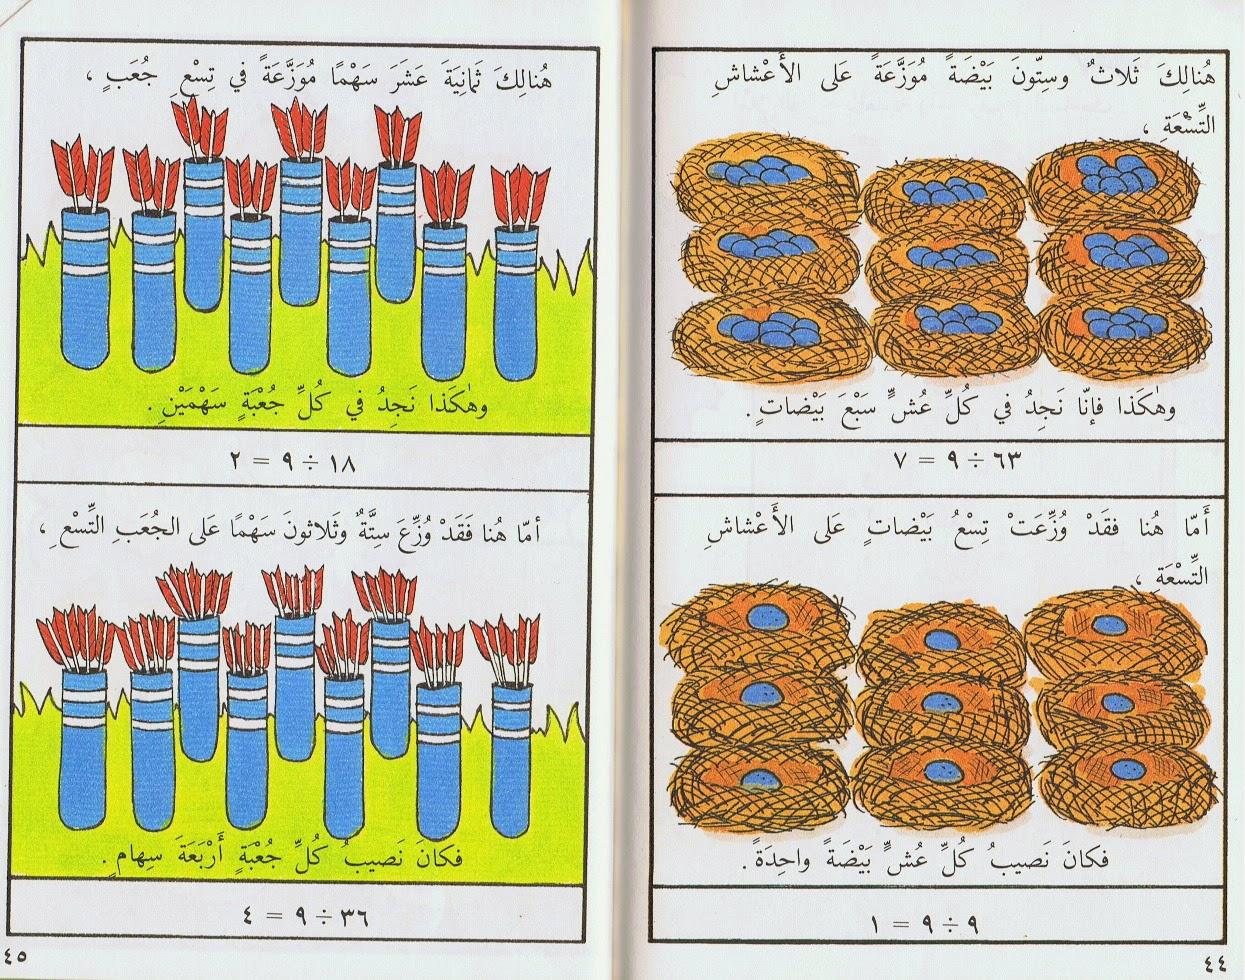 كتاب تعليم القسمة لأطفال الصف الثالث بالألوان الطبيعية 2015 CCI05062012_00052.jp